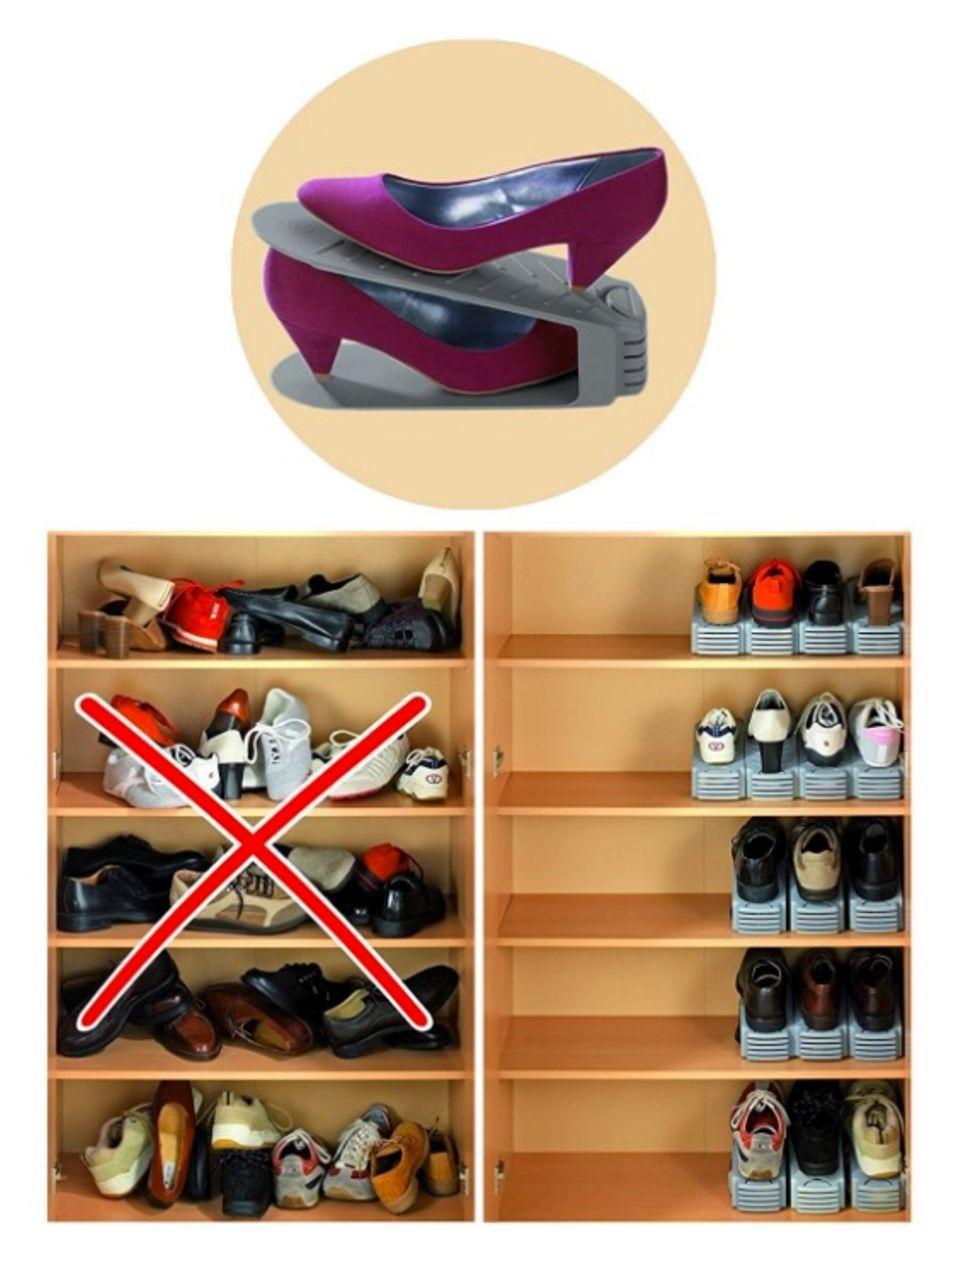 Ikea Ordnungssysteme ordnungssysteme die 8 nützlichsten teile für dein zuhause ikea hack